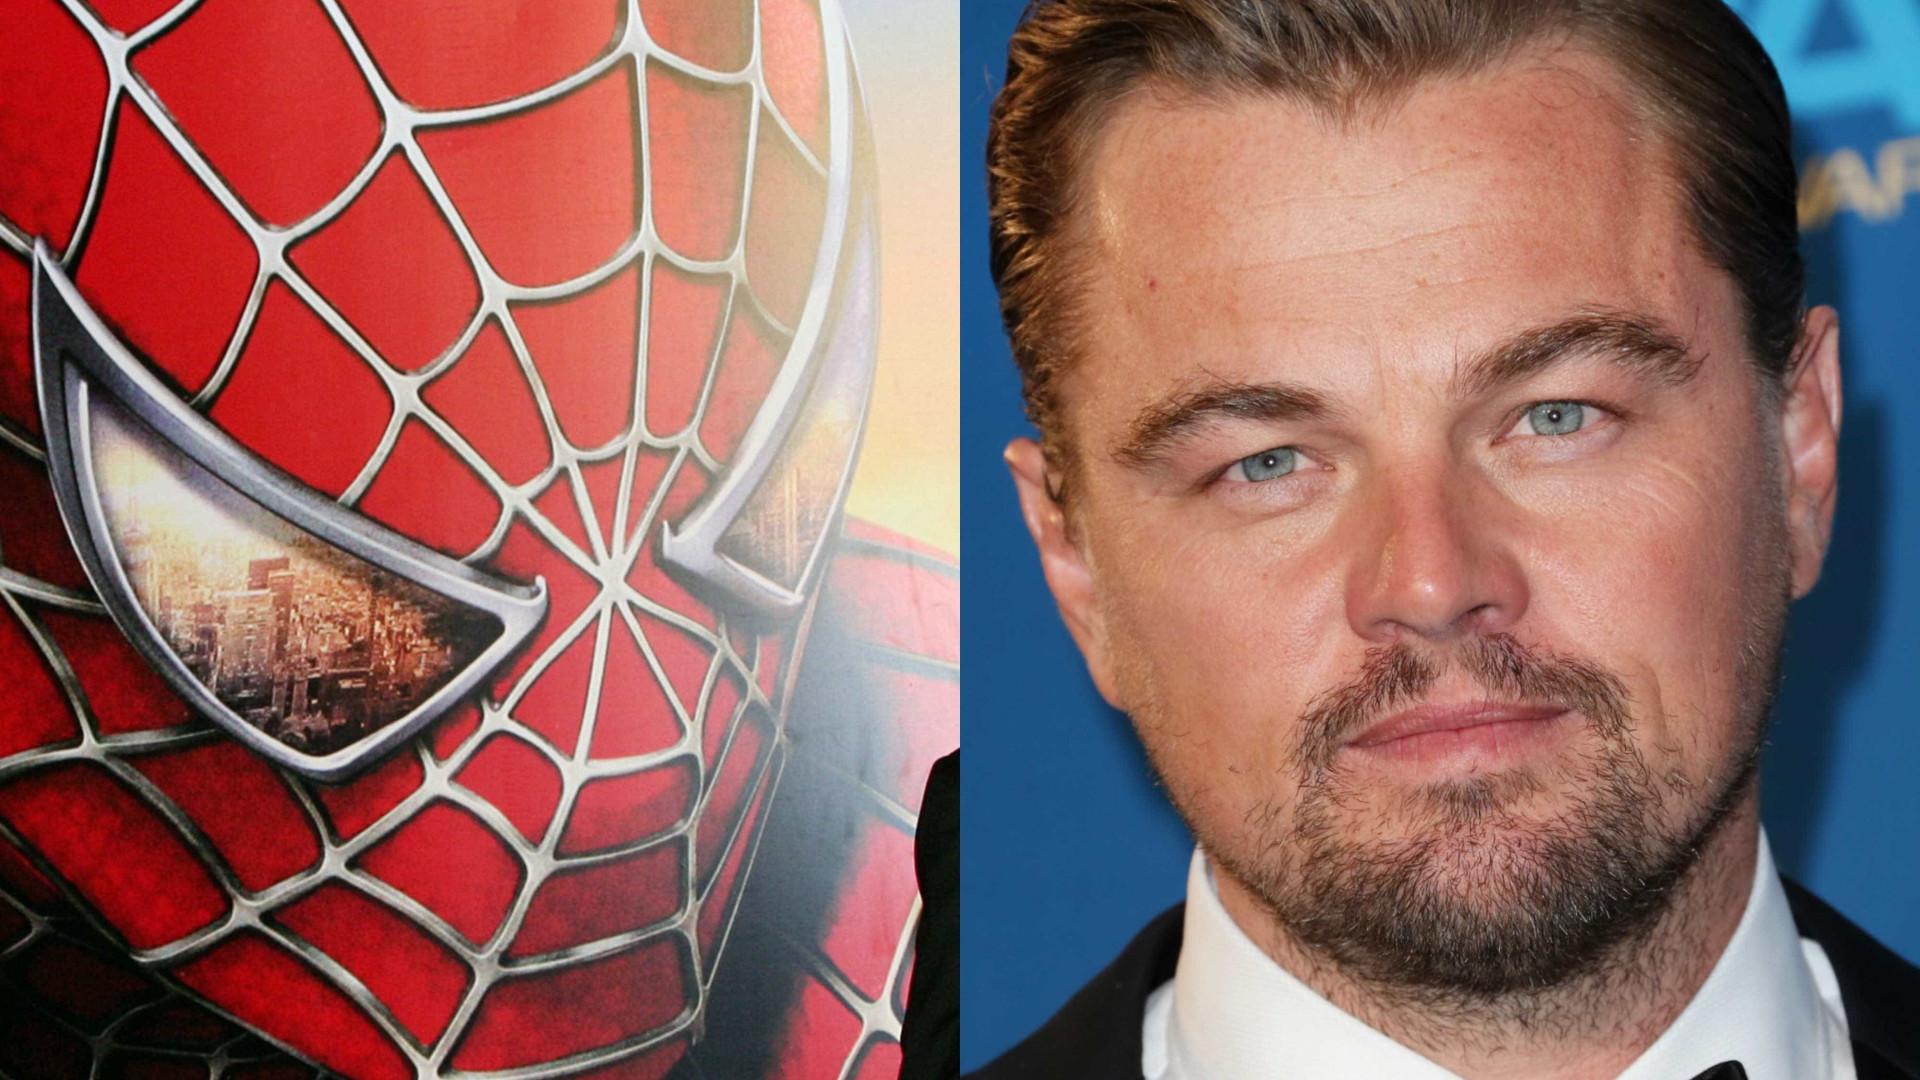 Sabia que estes atores estiveram quase para ser super-heróis?